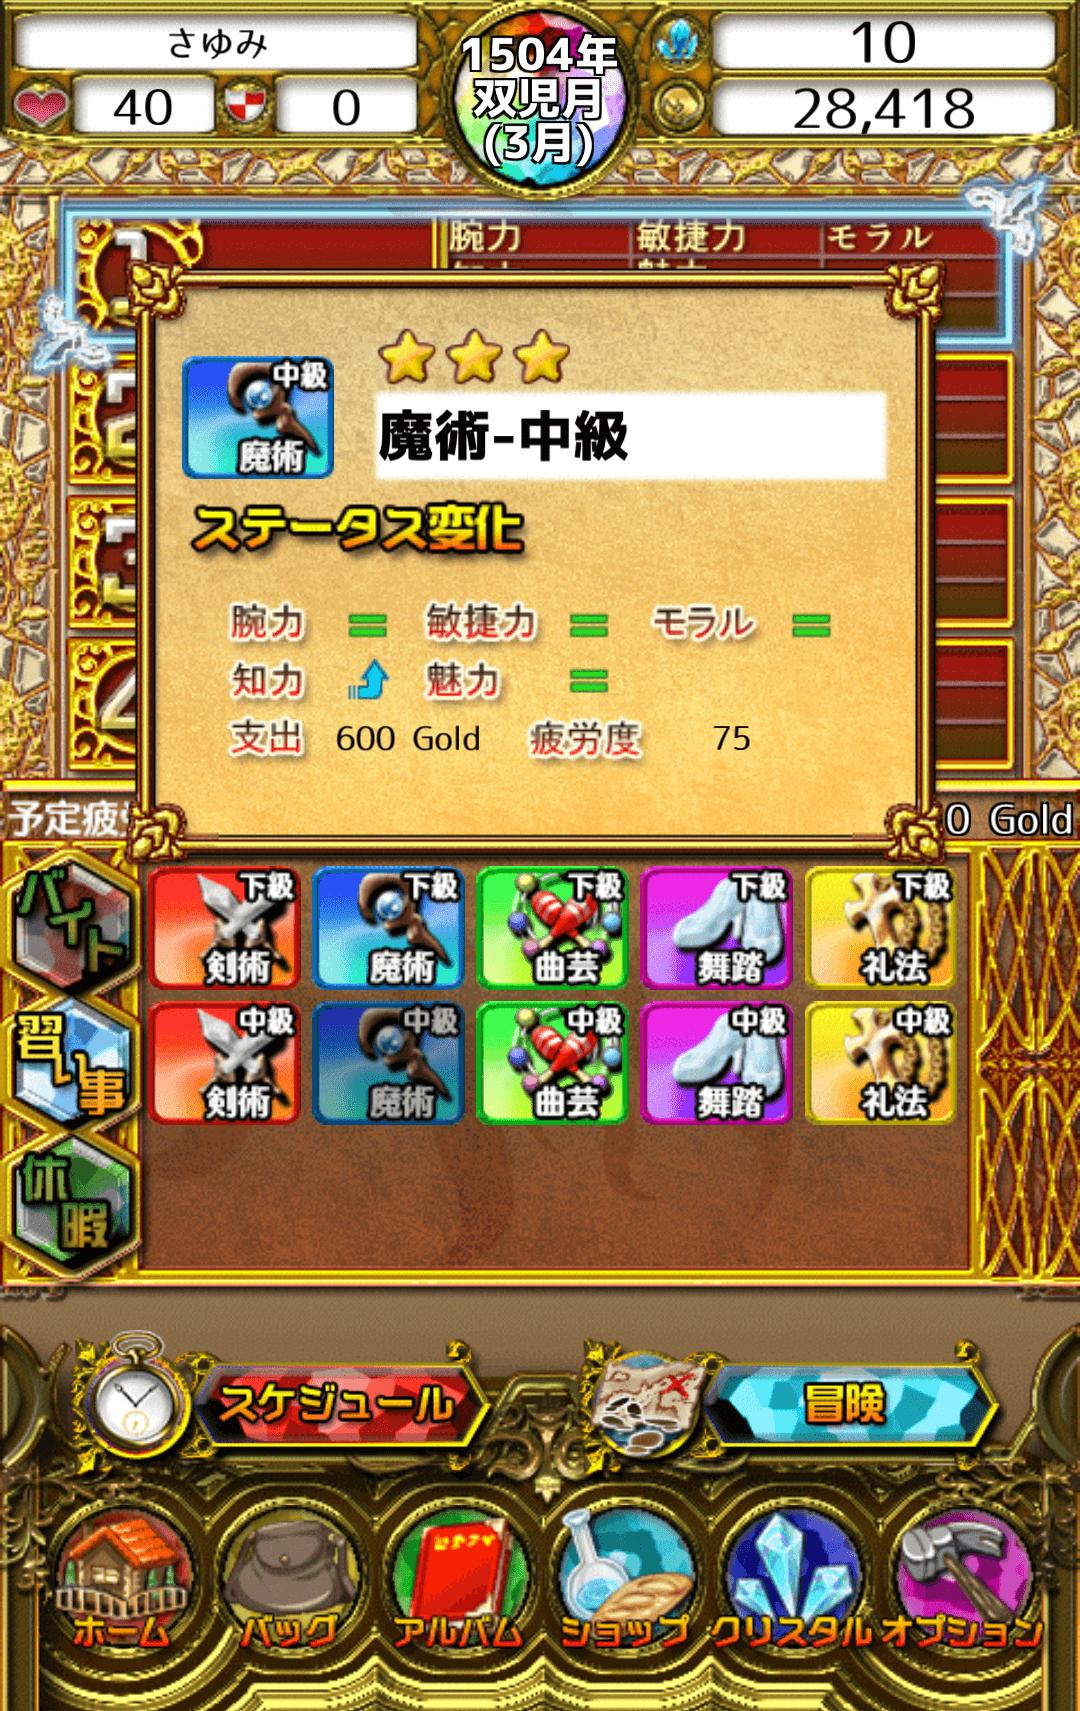 ポケットガール~魔王を狩るモノ~【ゲームレビュー】